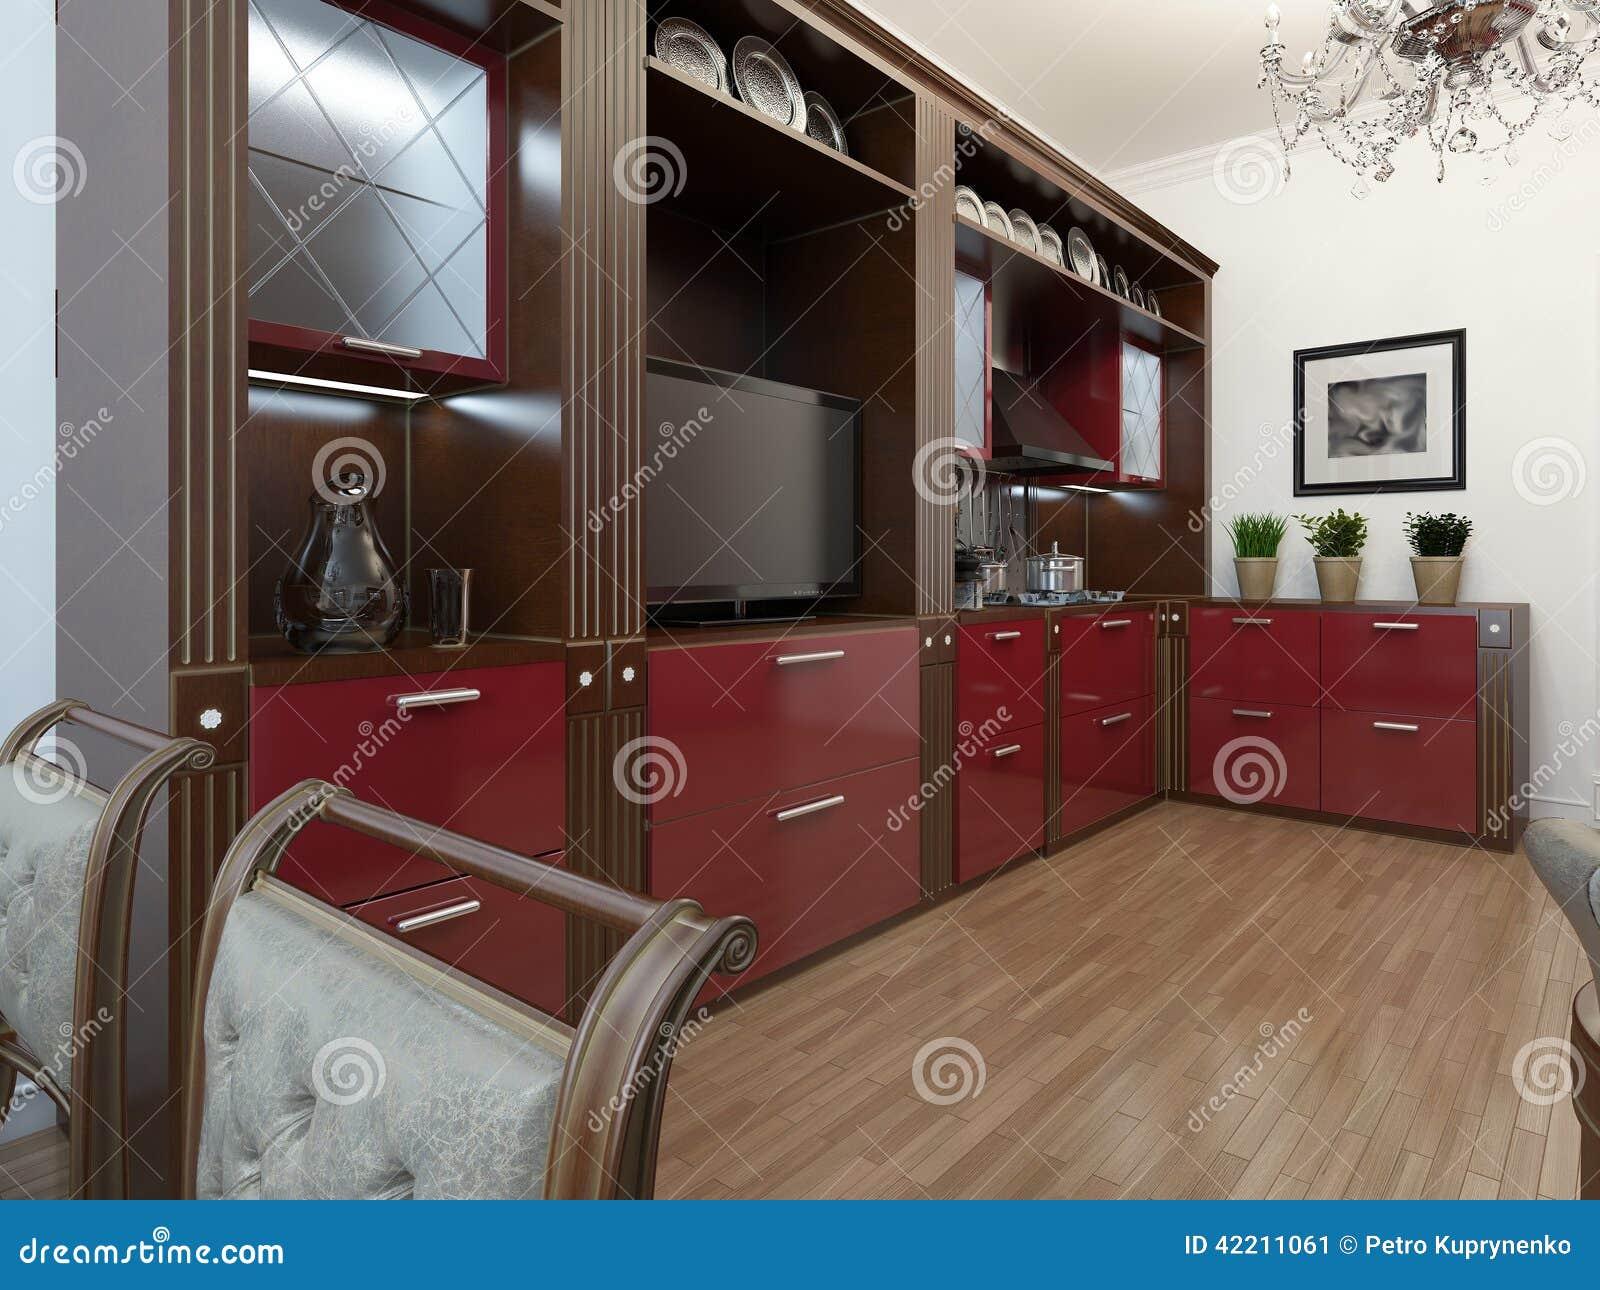 Keuken in de art deco stijl stock illustratie afbeelding 42211061 - Deco stijl chalet ...